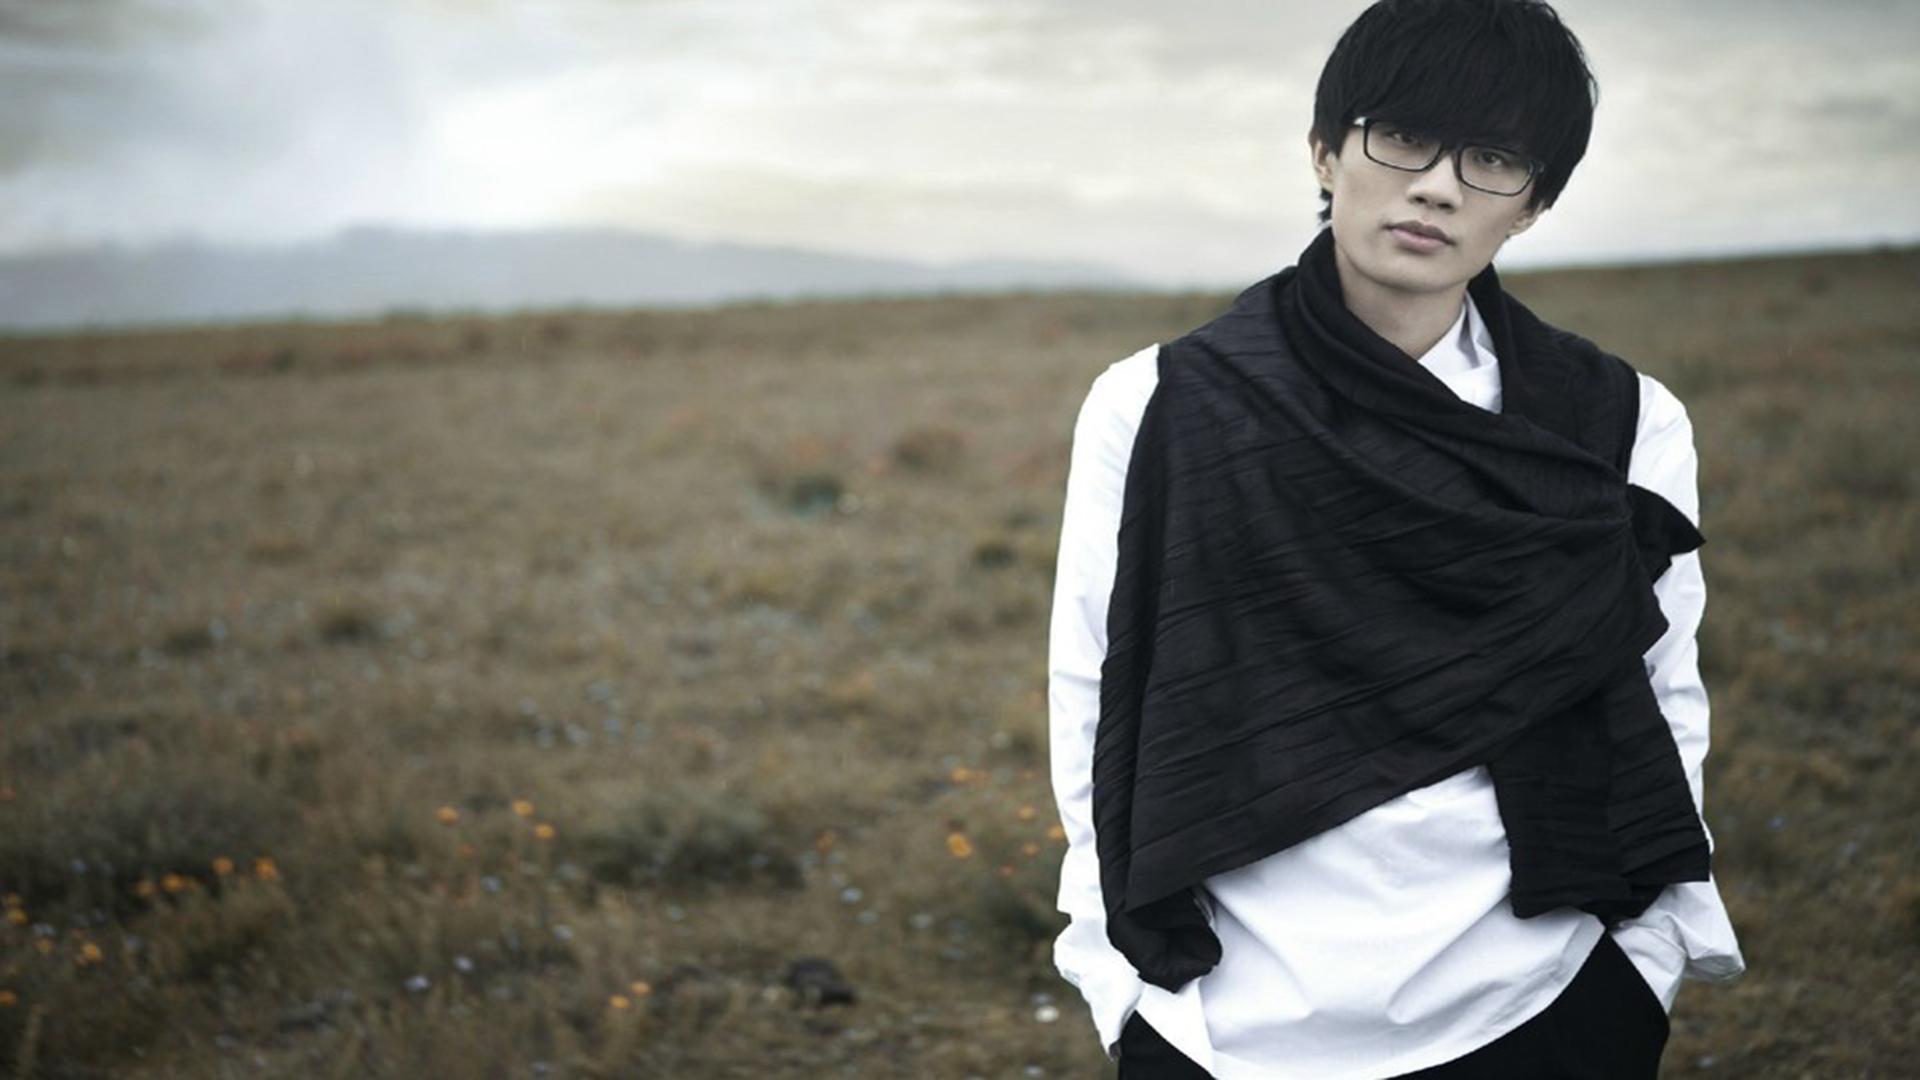 娱乐点评:杨紫、王凯、许嵩、周冬雨、黄明昊、龚俊